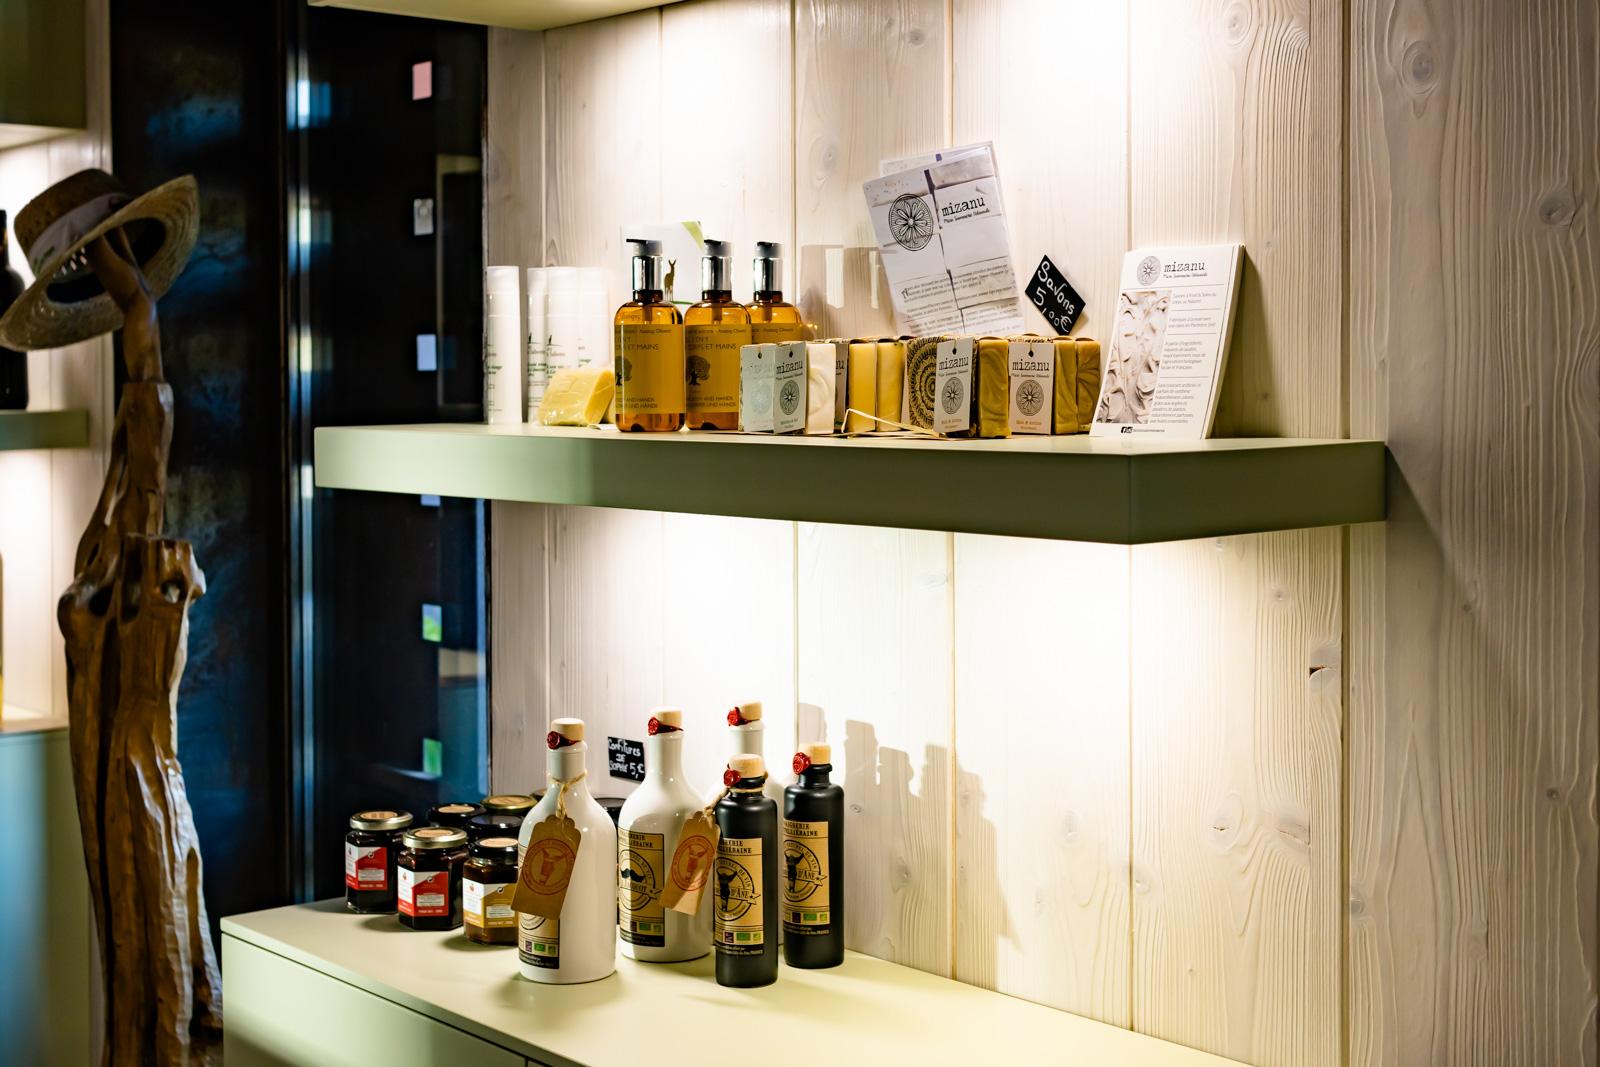 Cosmétiques artisanaux et produits du terroir commercialisé au moulin du Mas Palat, Gignac